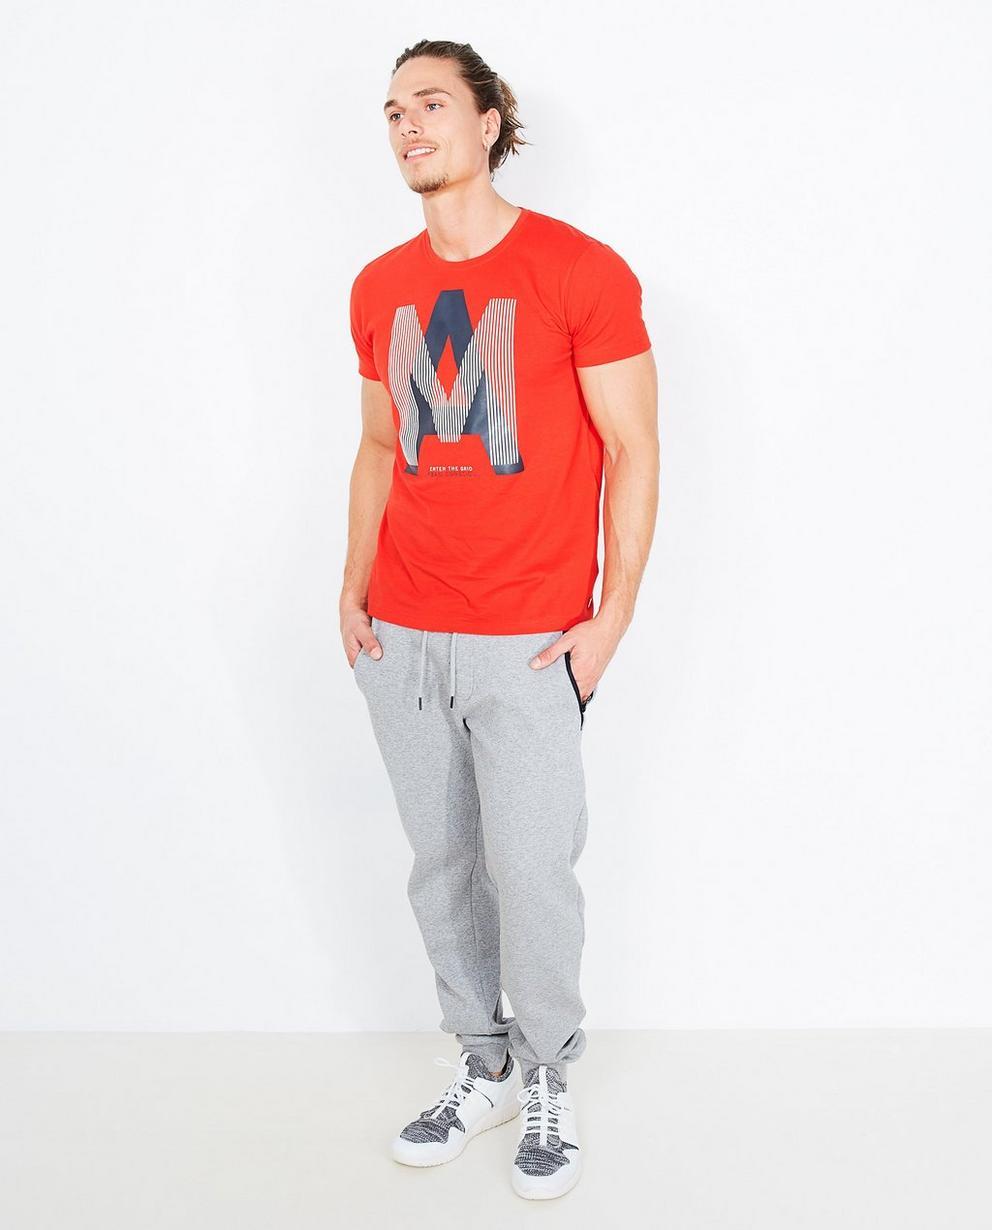 T-shirt met reliëfprint - van biokatoen, I AM - I AM